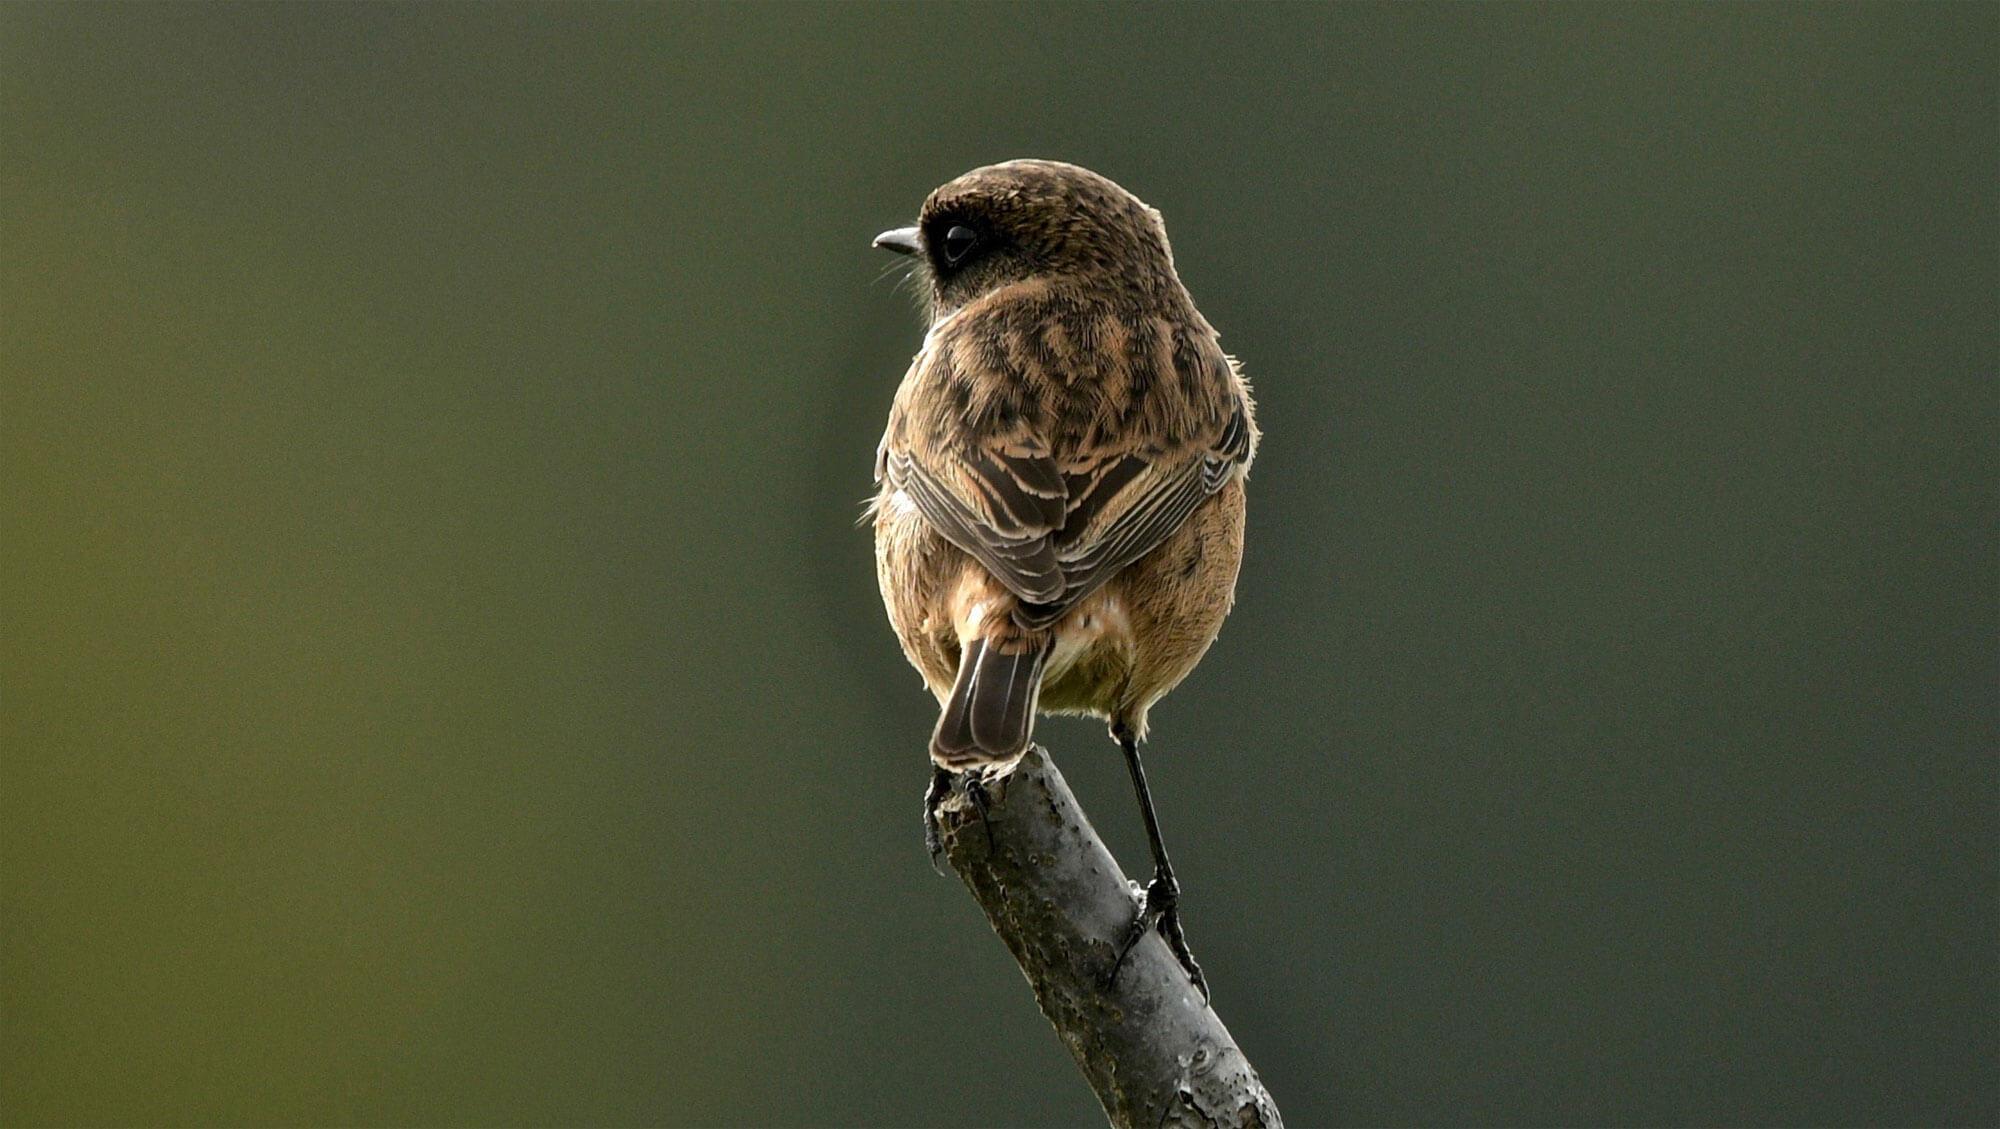 Balade de mars, coup de froid - La Salamandre traquet patre femelle oiseau